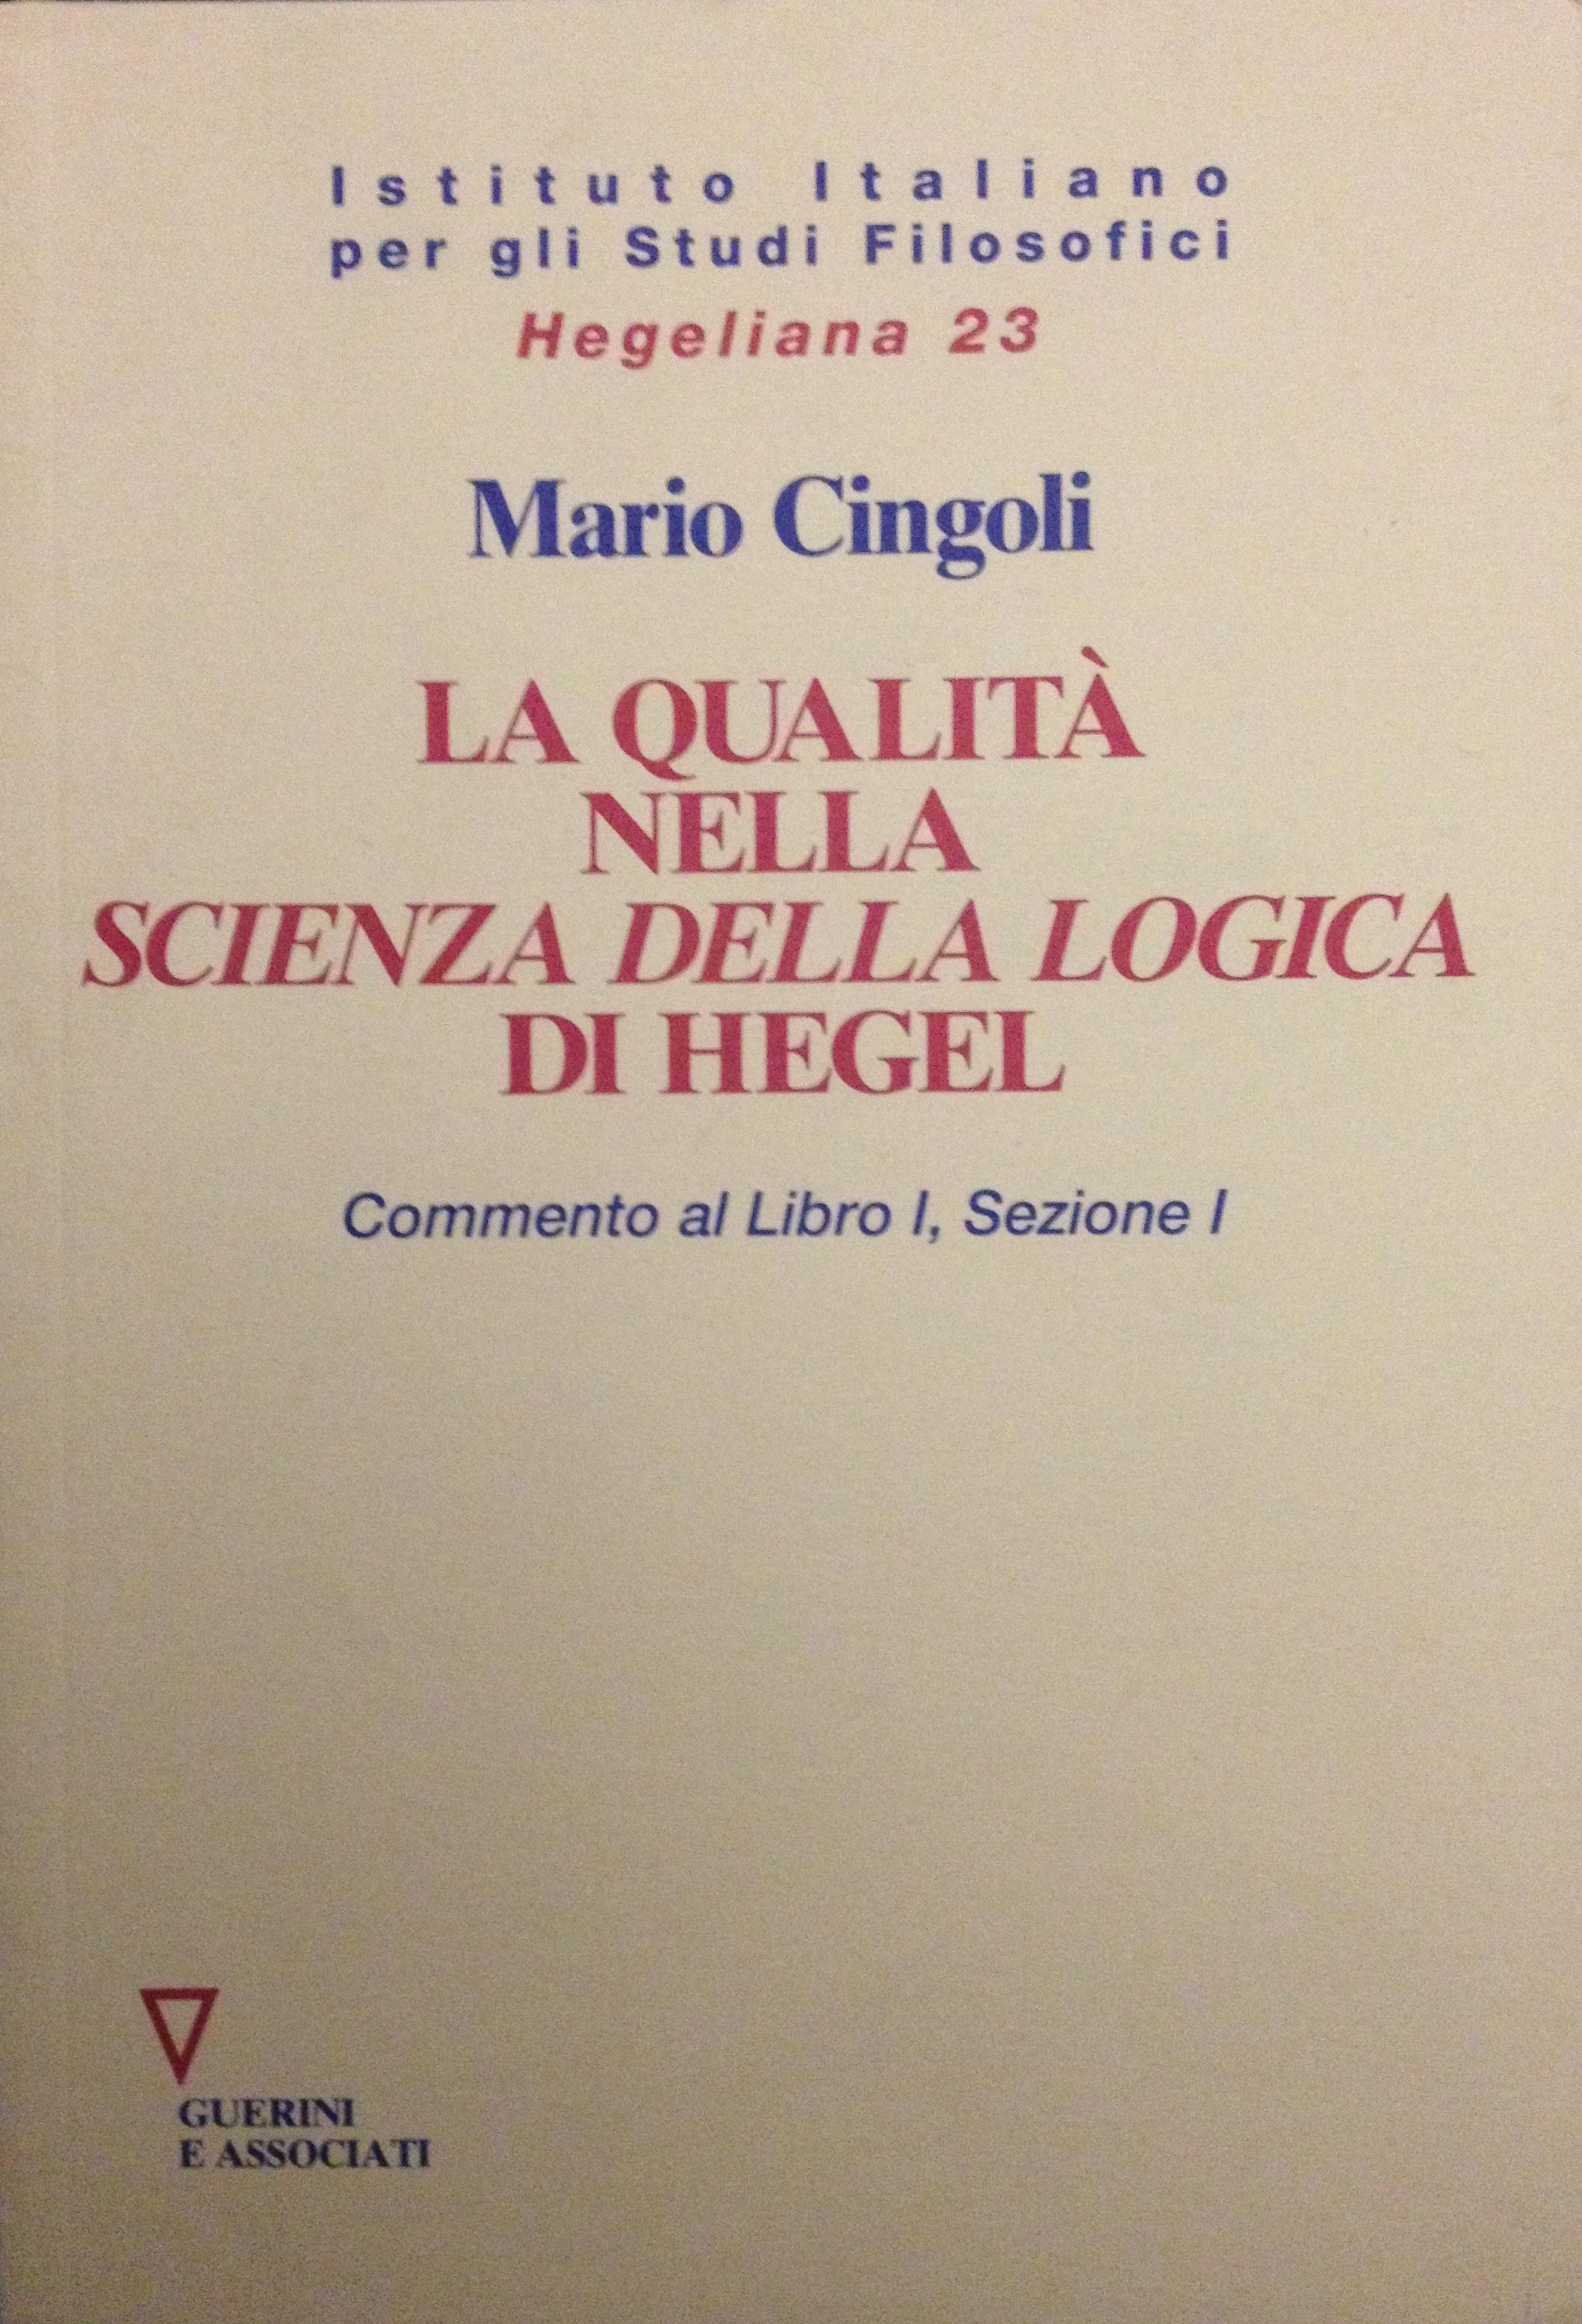 La qualità nella «Scienza della logica» di Hegel